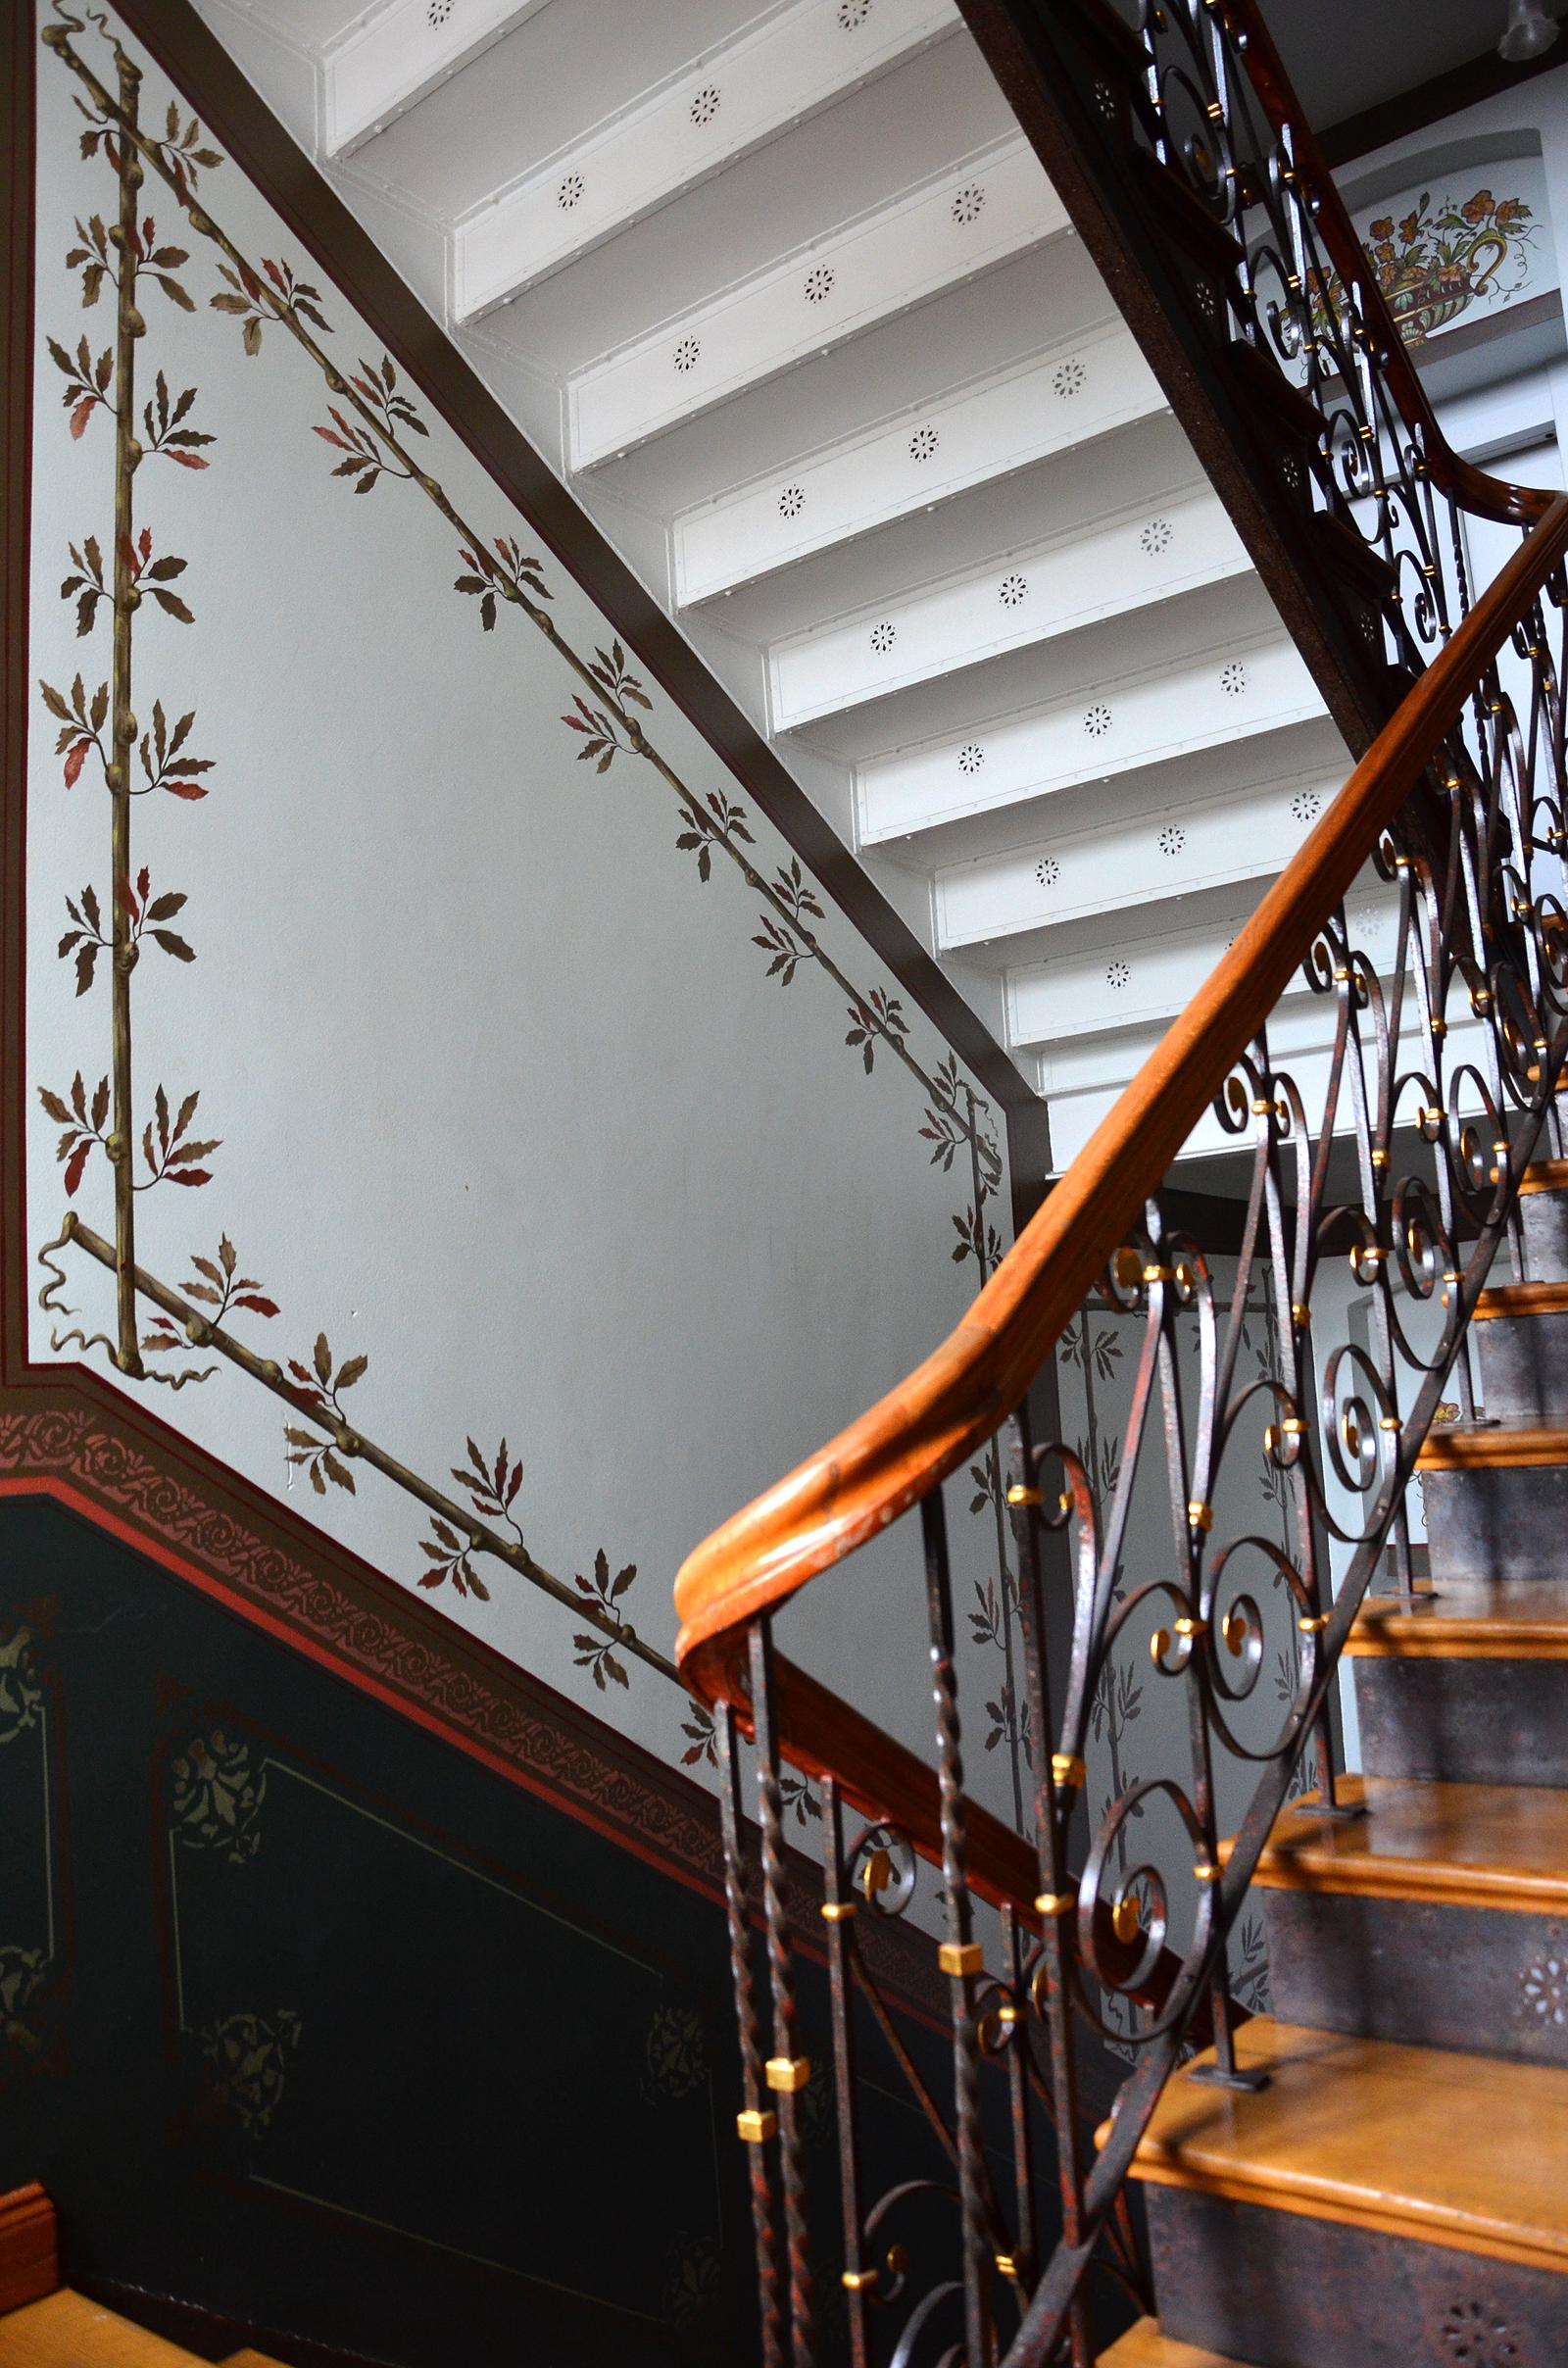 File:Overlachsches Haus, Details der Treppenhaus-Bemalung im ...